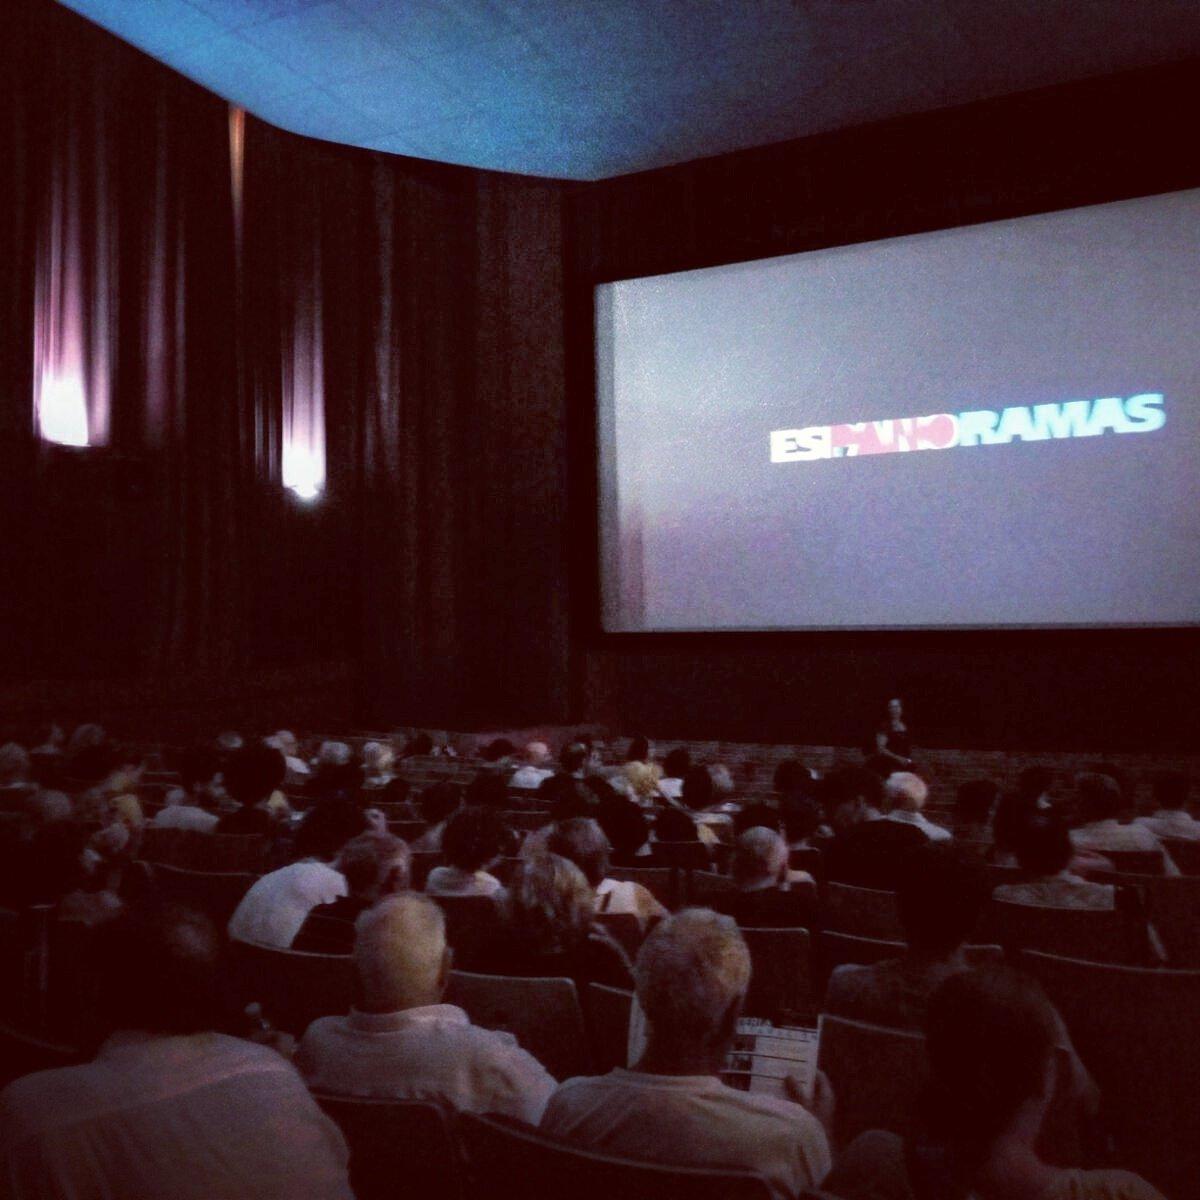 Sala llena en el pre-estreno de #MiGranNoche de @alexdelaIglesia ayer en #Espanoramas,  Muestra de #cine español https://t.co/rs0Uktt58u